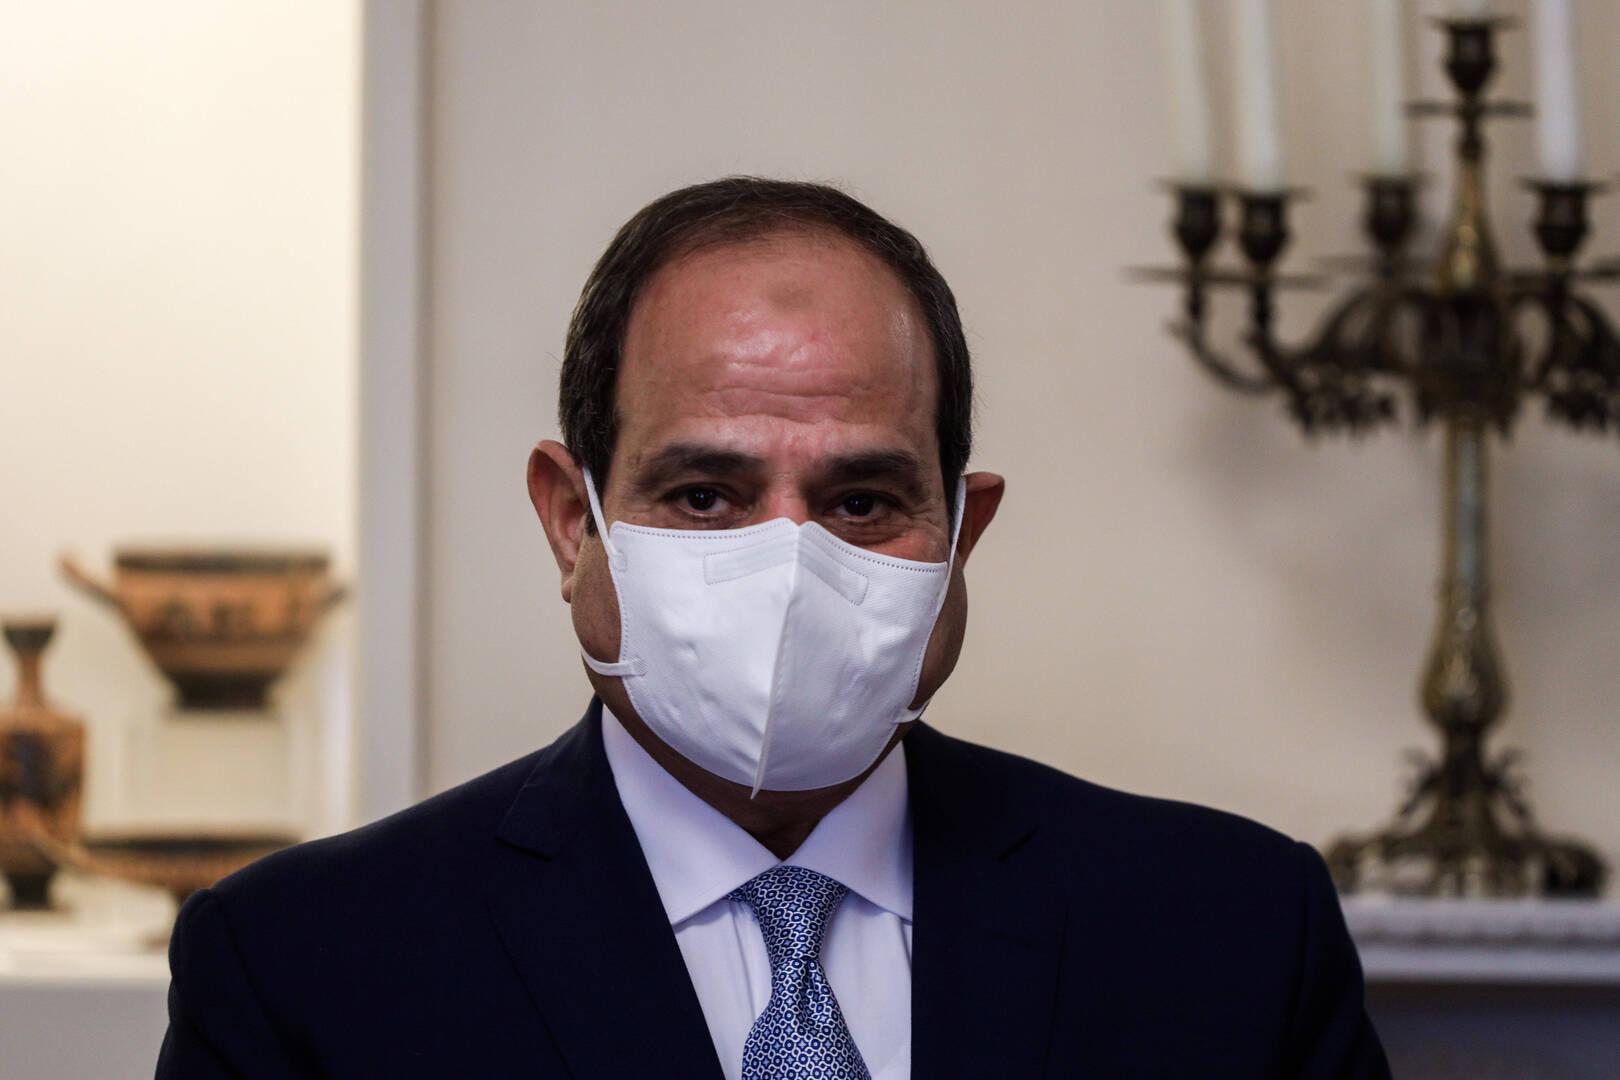 السيسي يمنح لاعبين ولاعبات مصريات أوسمة من الطبقة الثانية والثالثة